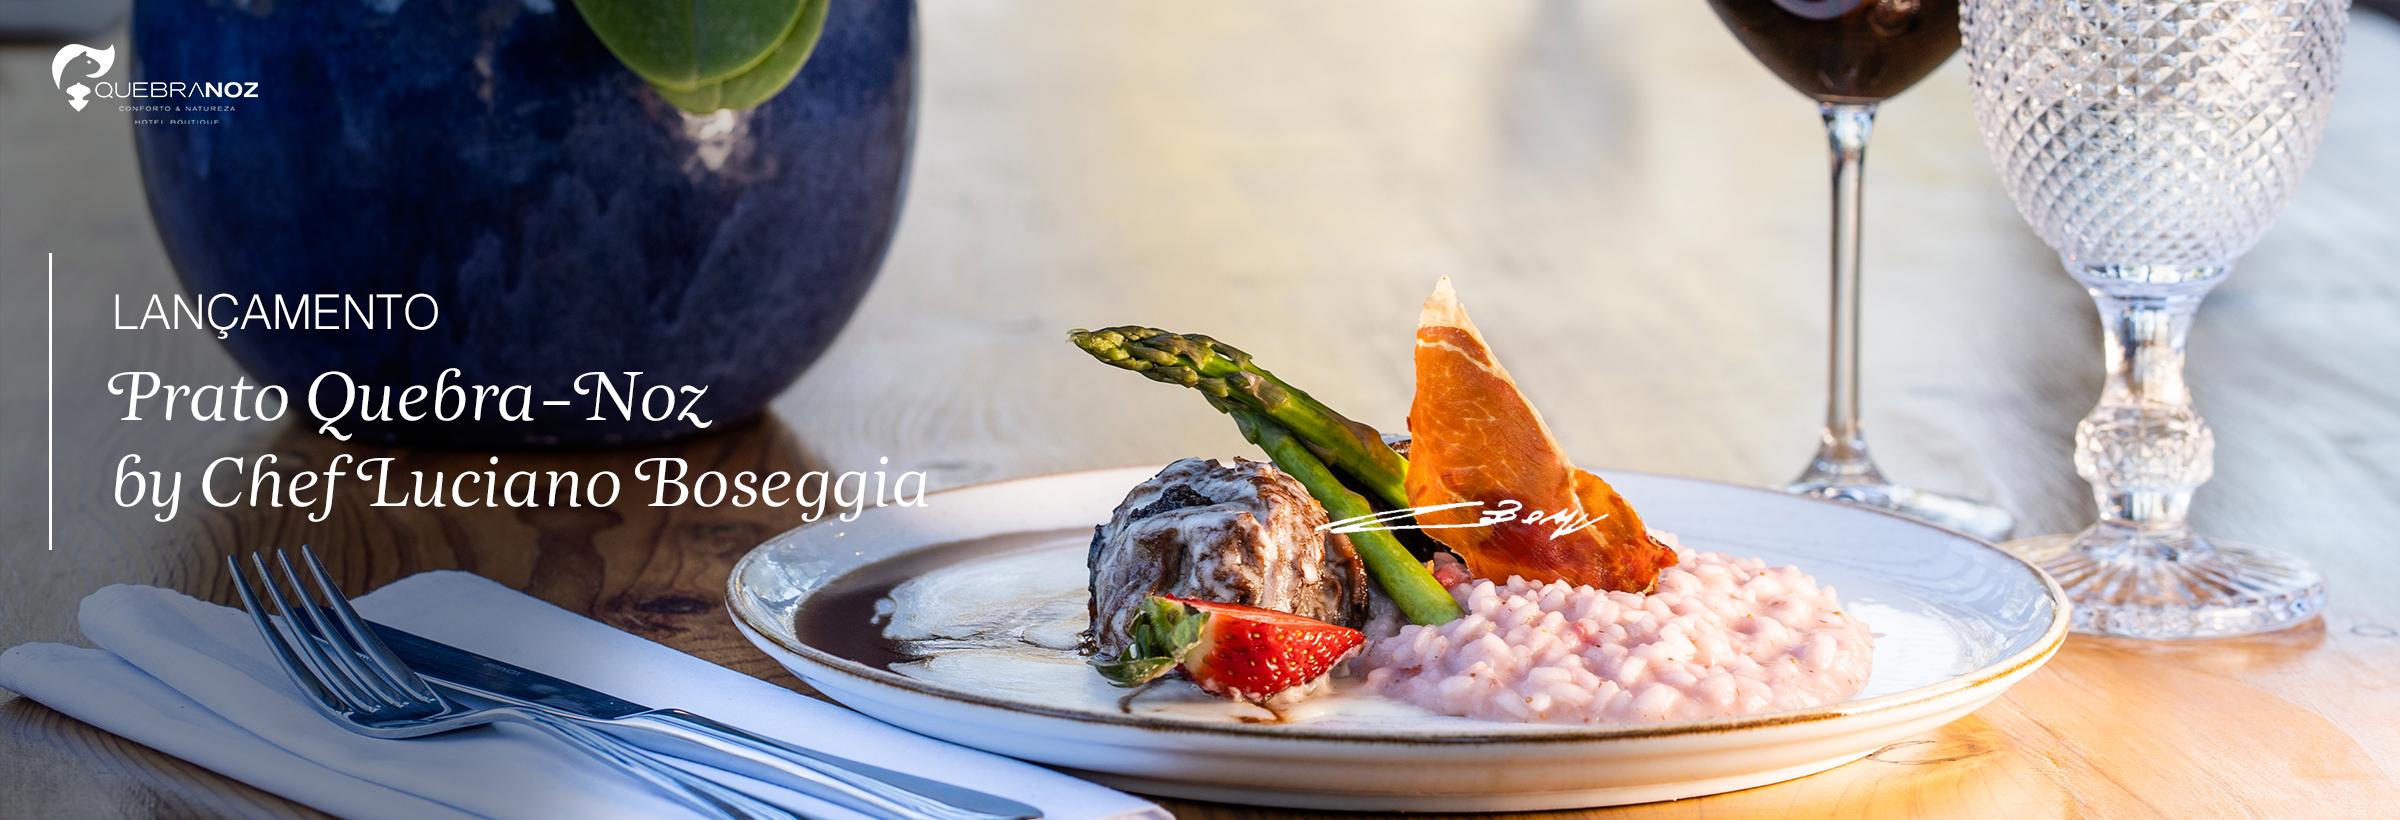 Inovação na Gastronomia - Hotel Boutique Quebra-Noz